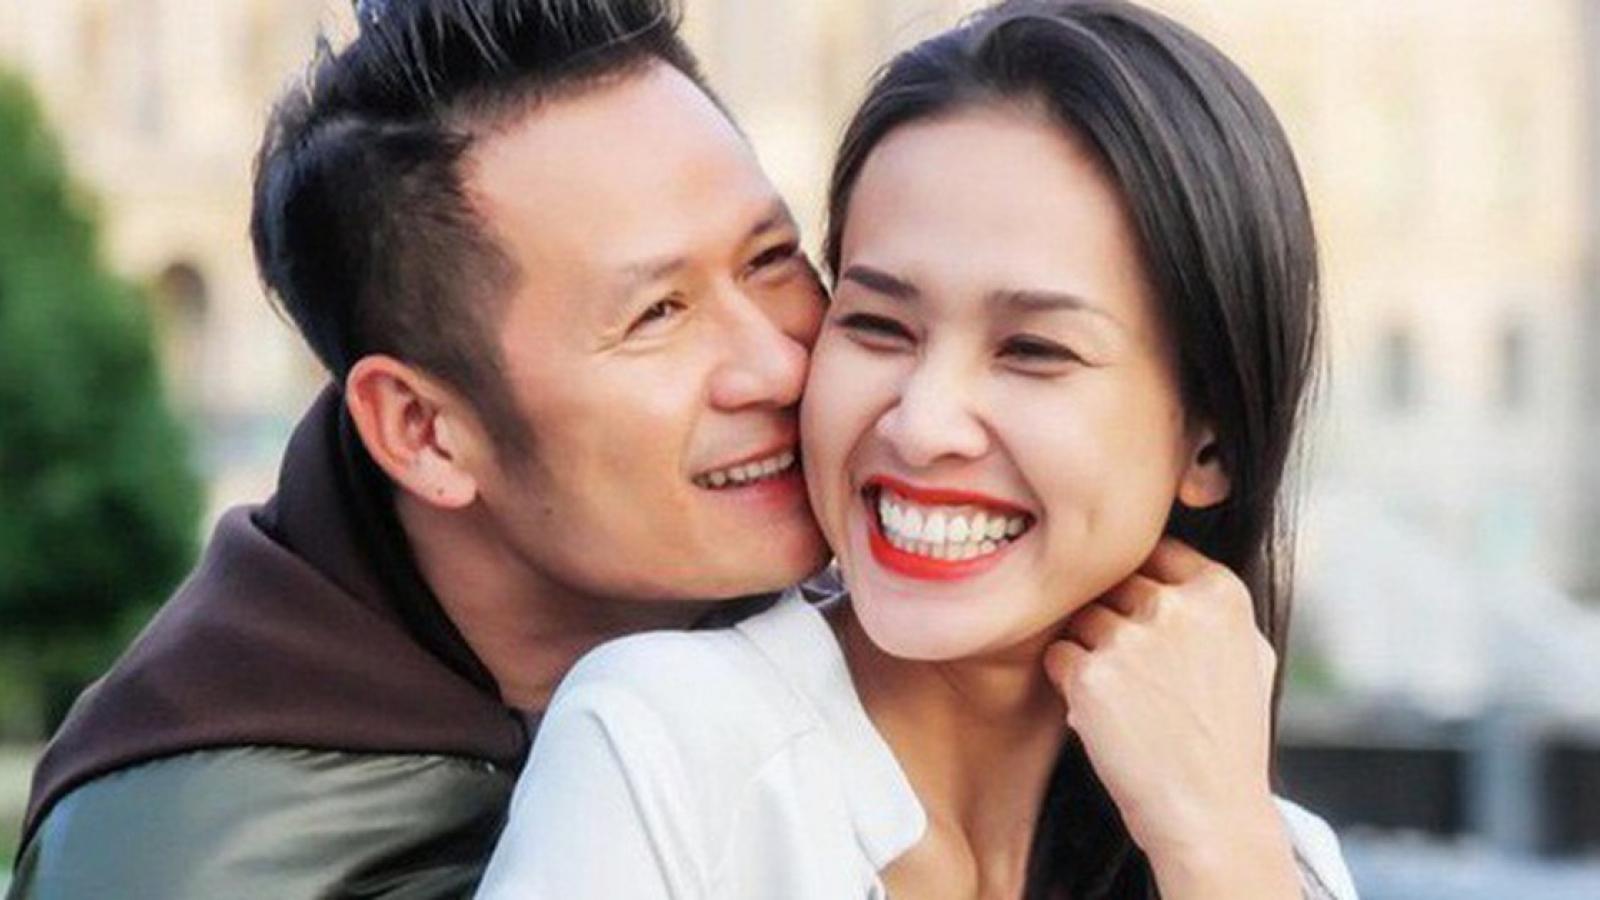 Chuyện showbiz: Bằng Kiều lên tiếng trước tin đồn lừa gạt tình cảm Hoa hậu Dương Mỹ Linh